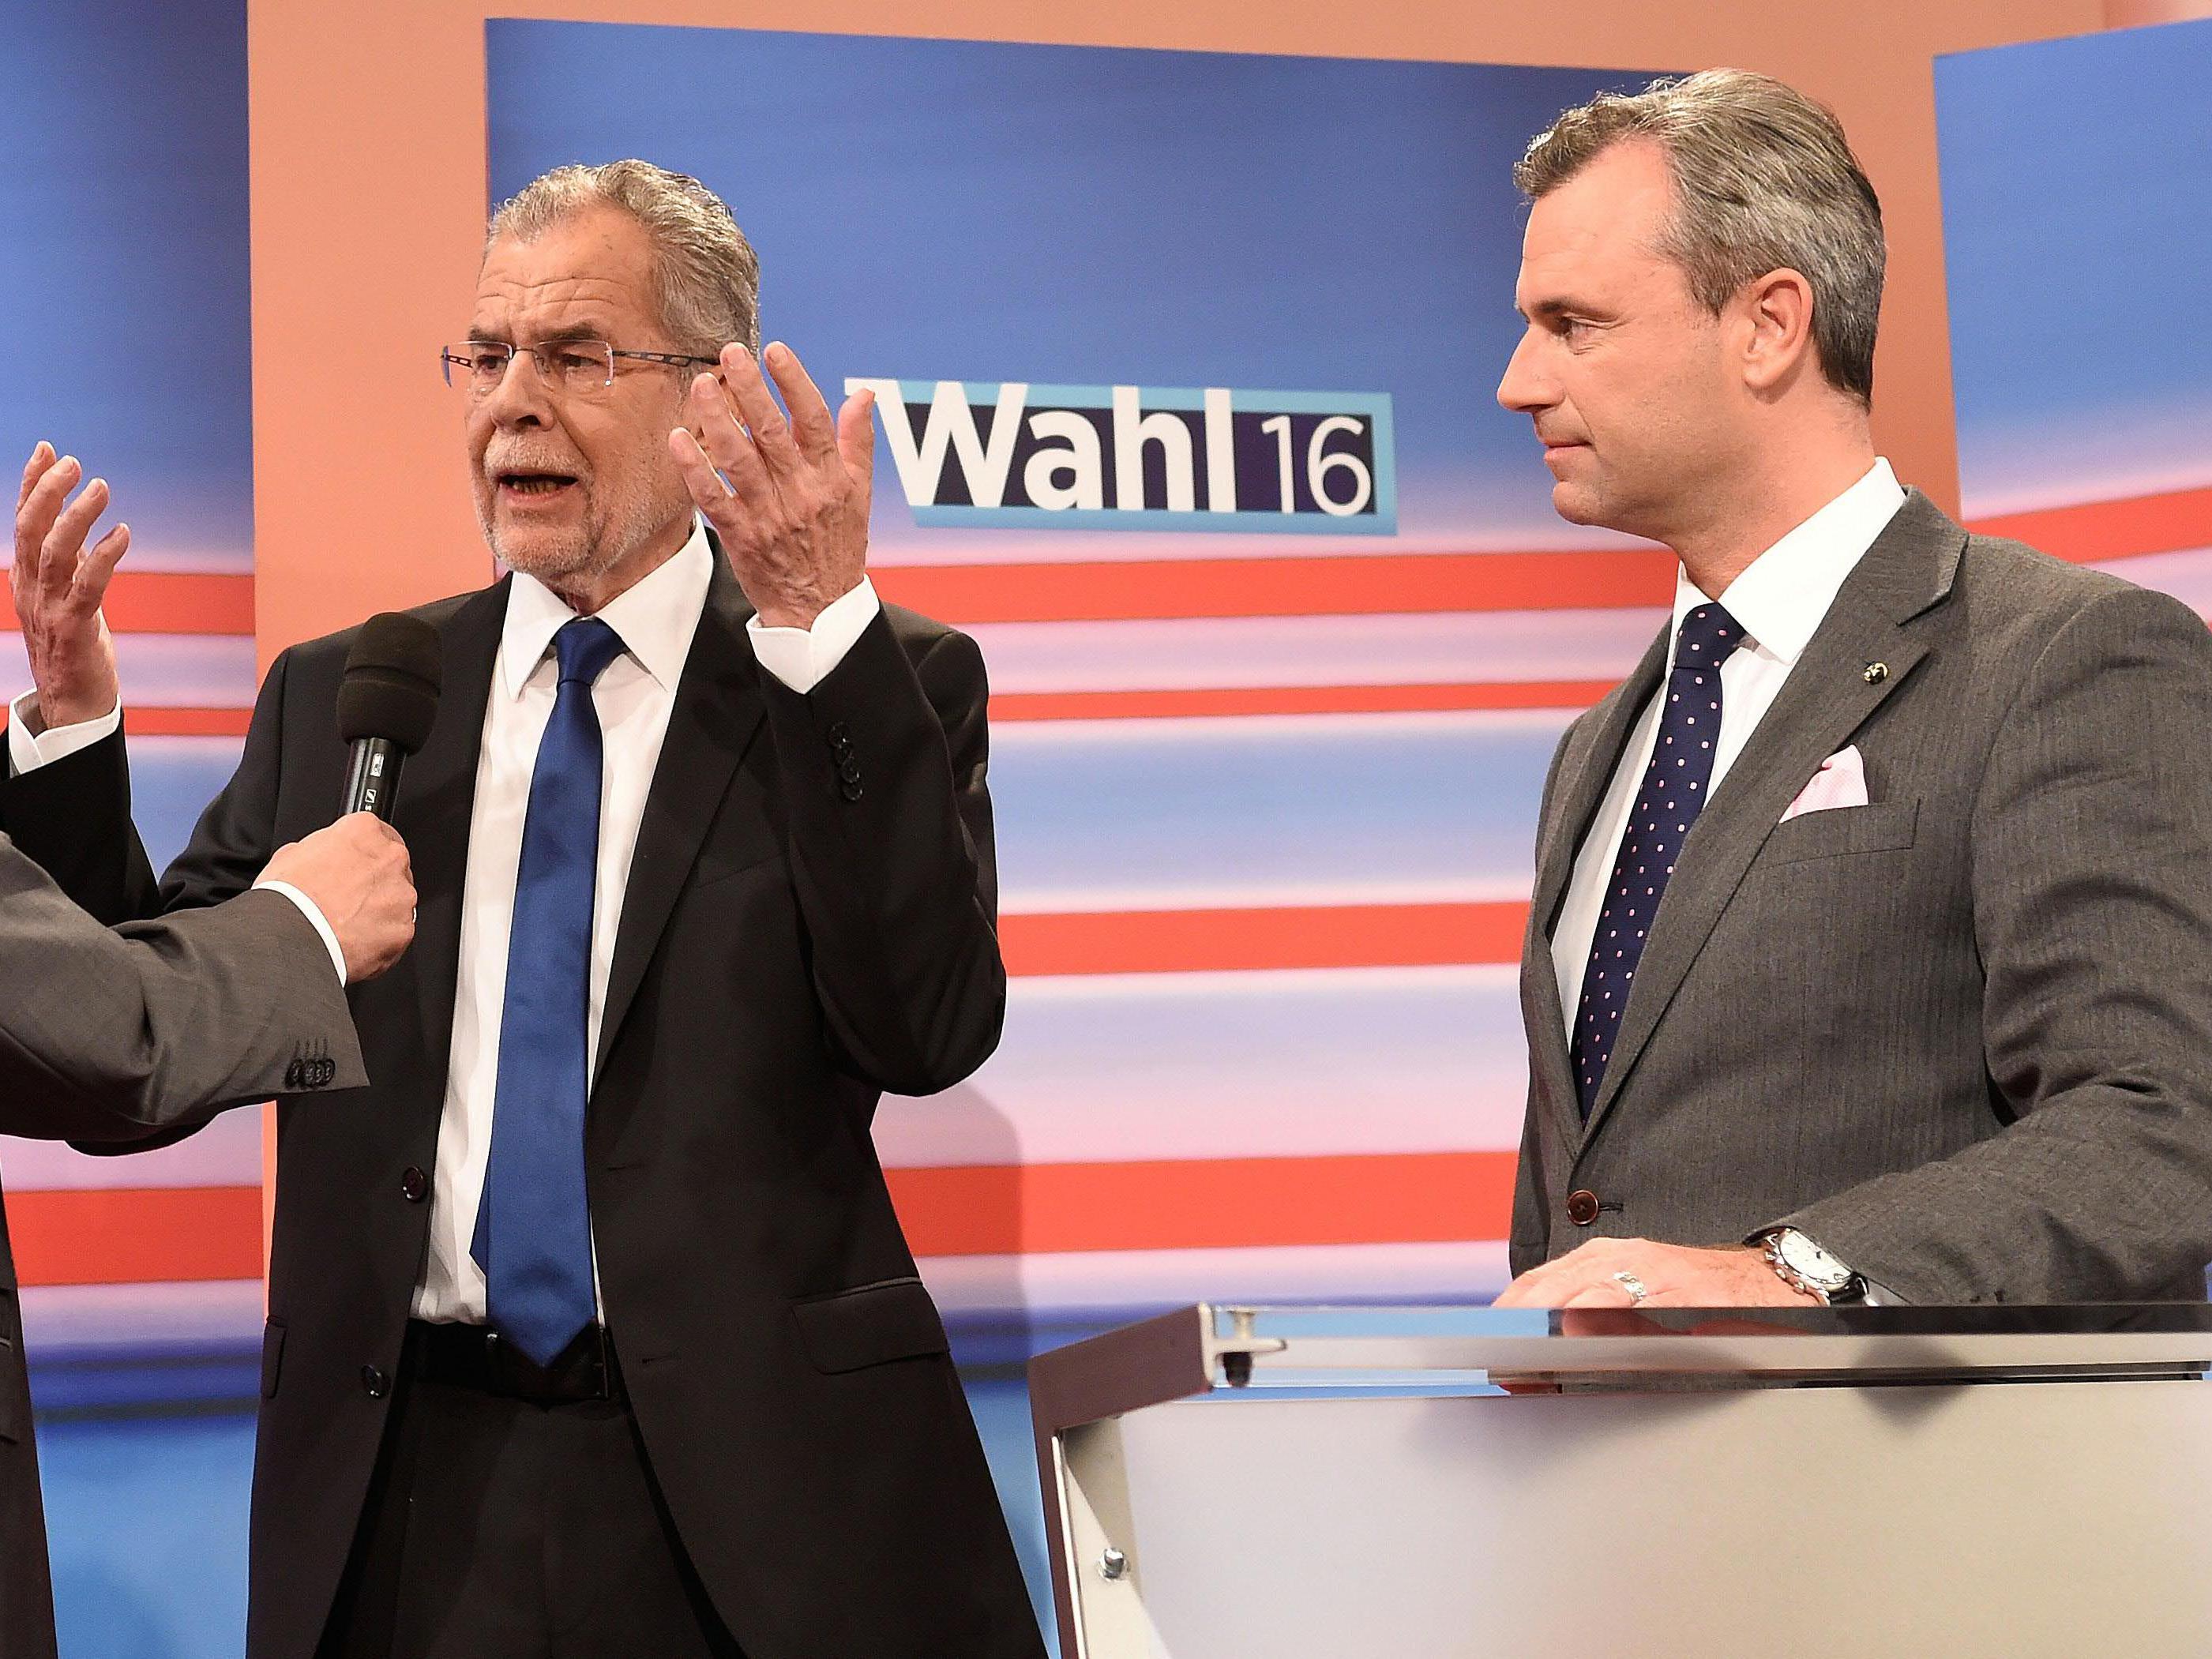 Der Kampf um noch nicht entschlossene Stimmen bei den ÖVP-nahen Wählern wird von beiden Seiten forciert